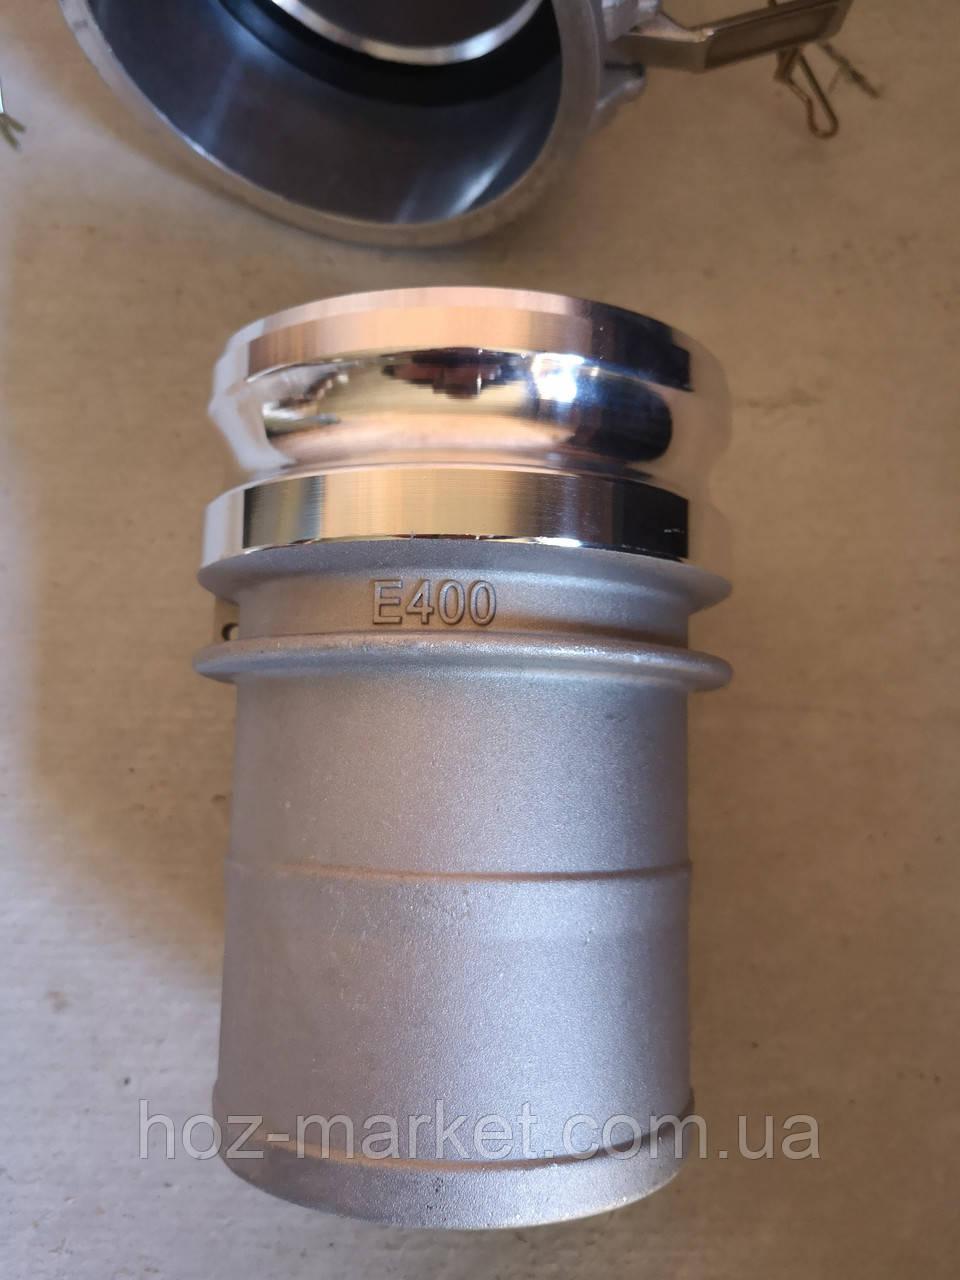 Быстросъемное соединение Е-400(папа) для рукава ф.100мм типа Камлок